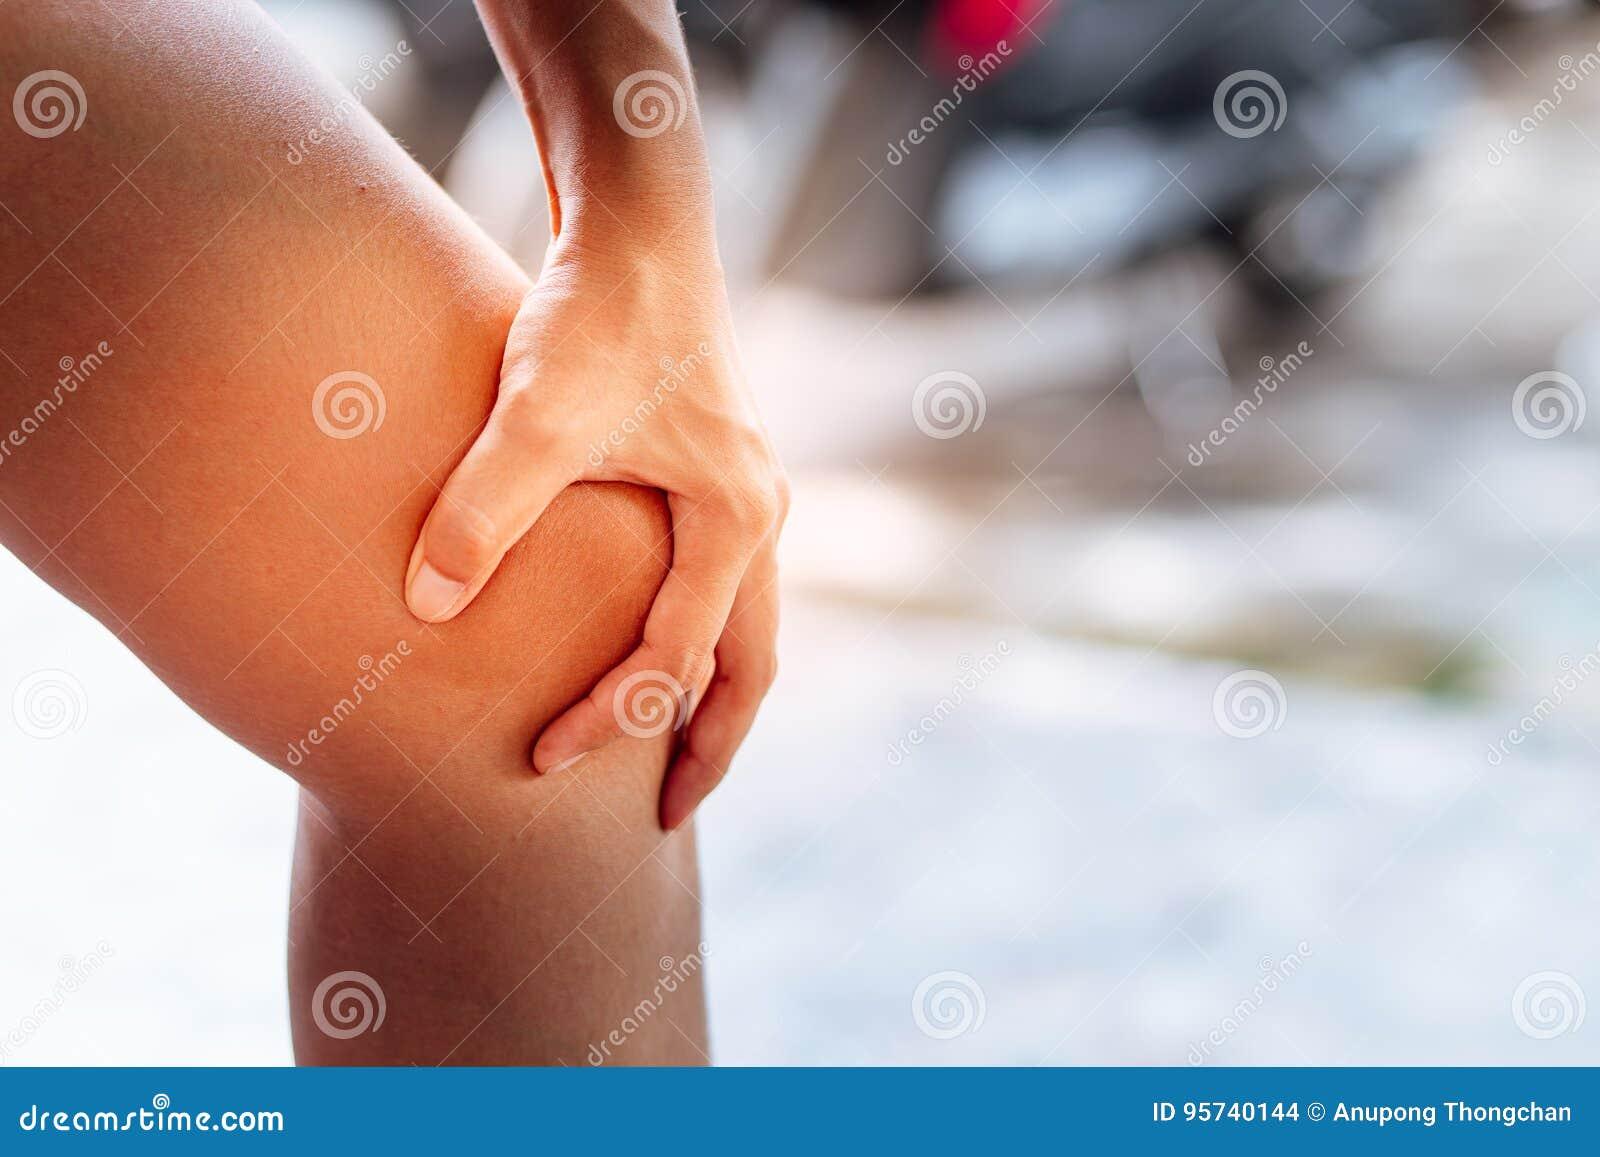 Ludzie z kolana uczucia i bólu złą ręką